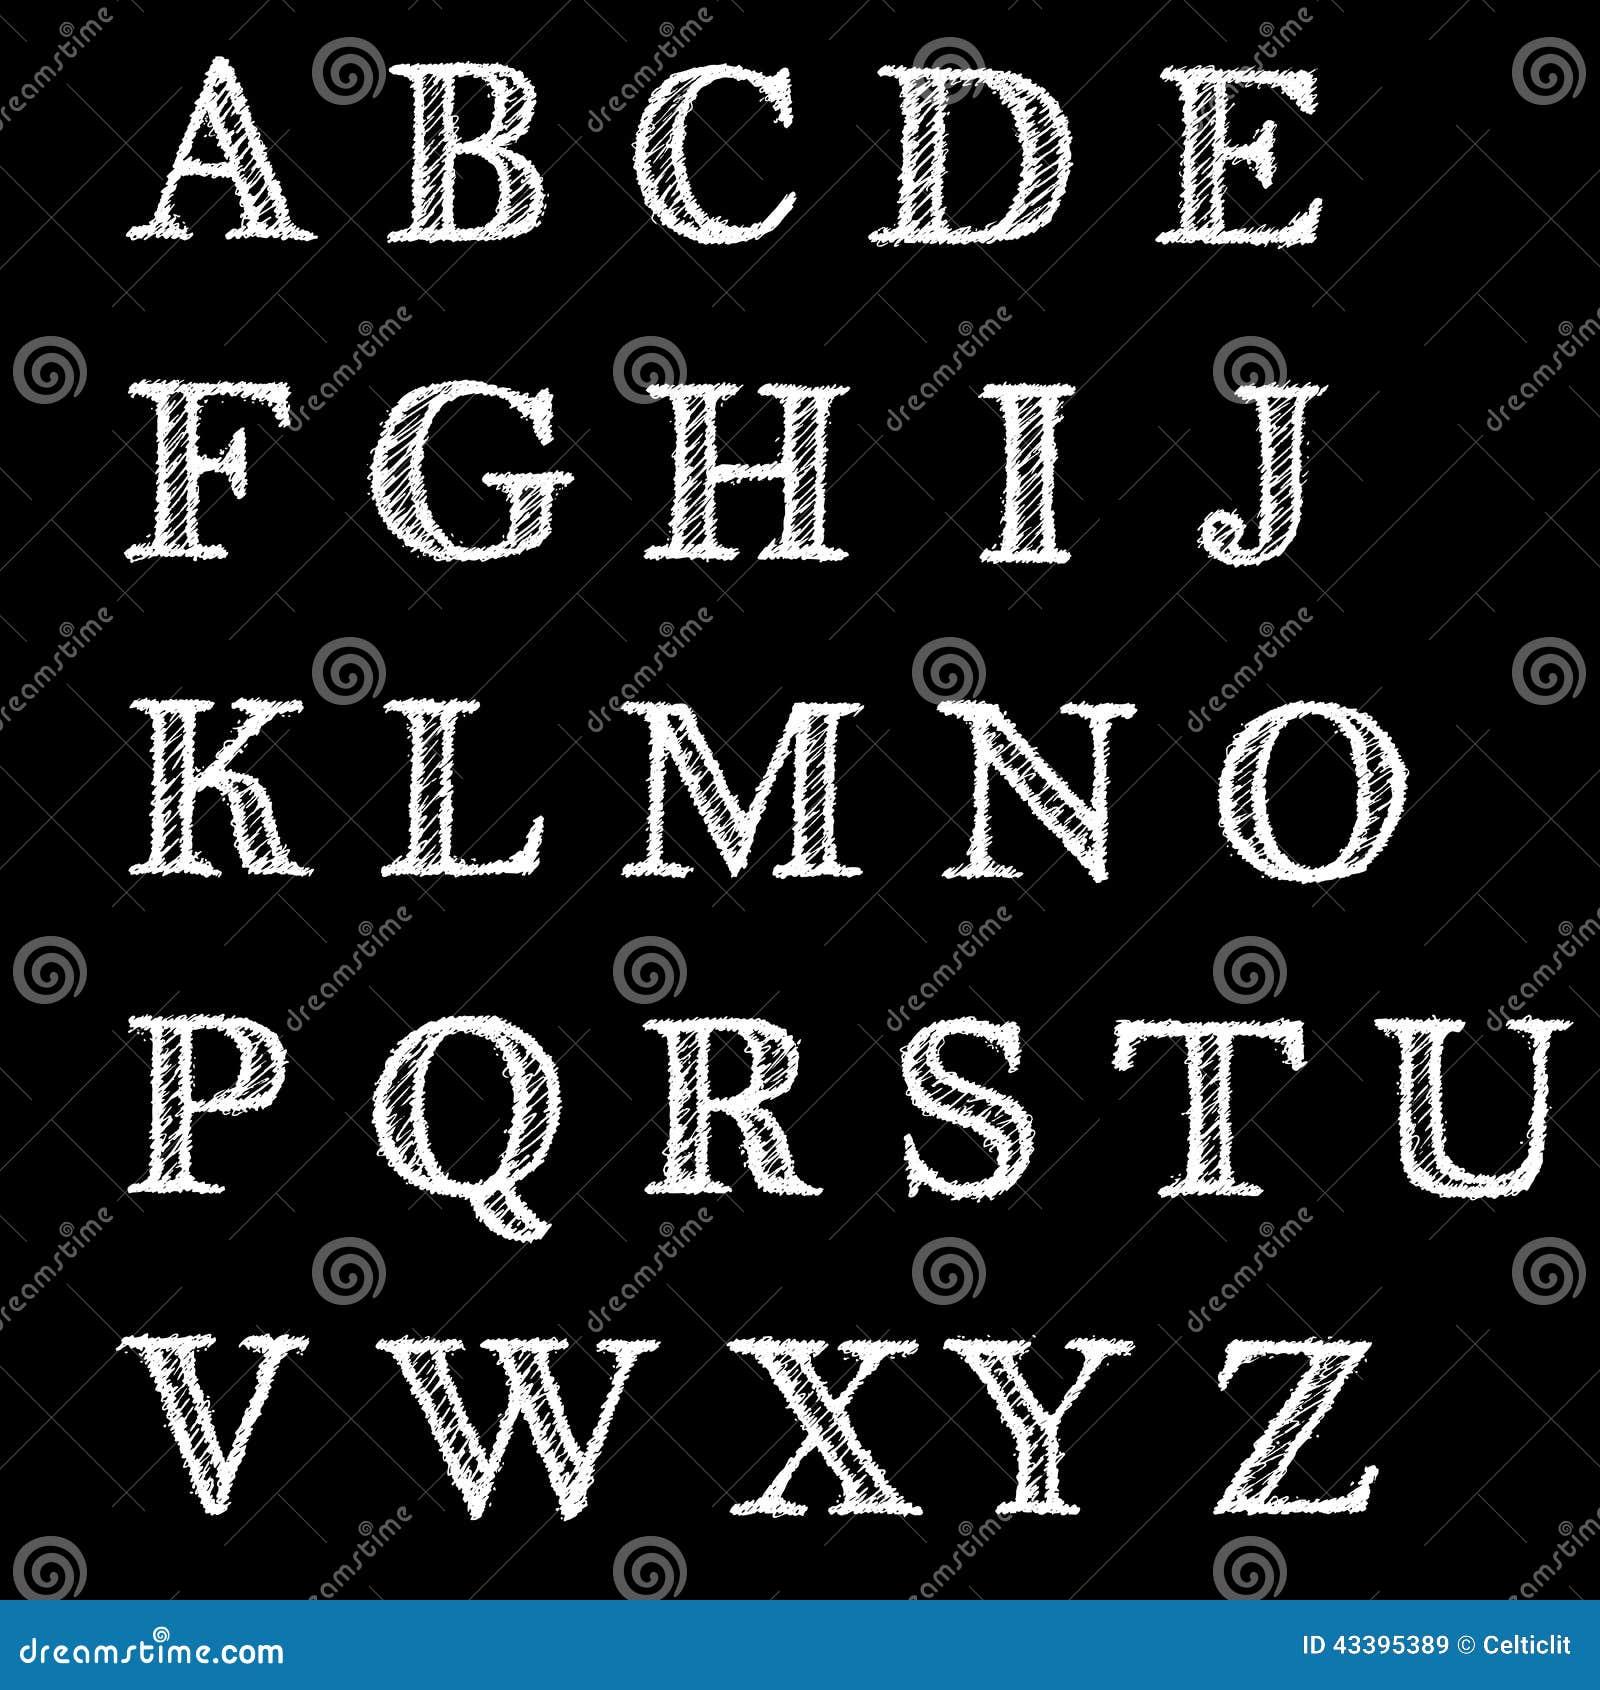 Decorative Letters Decorative Letters Stock Photos Image 16558873